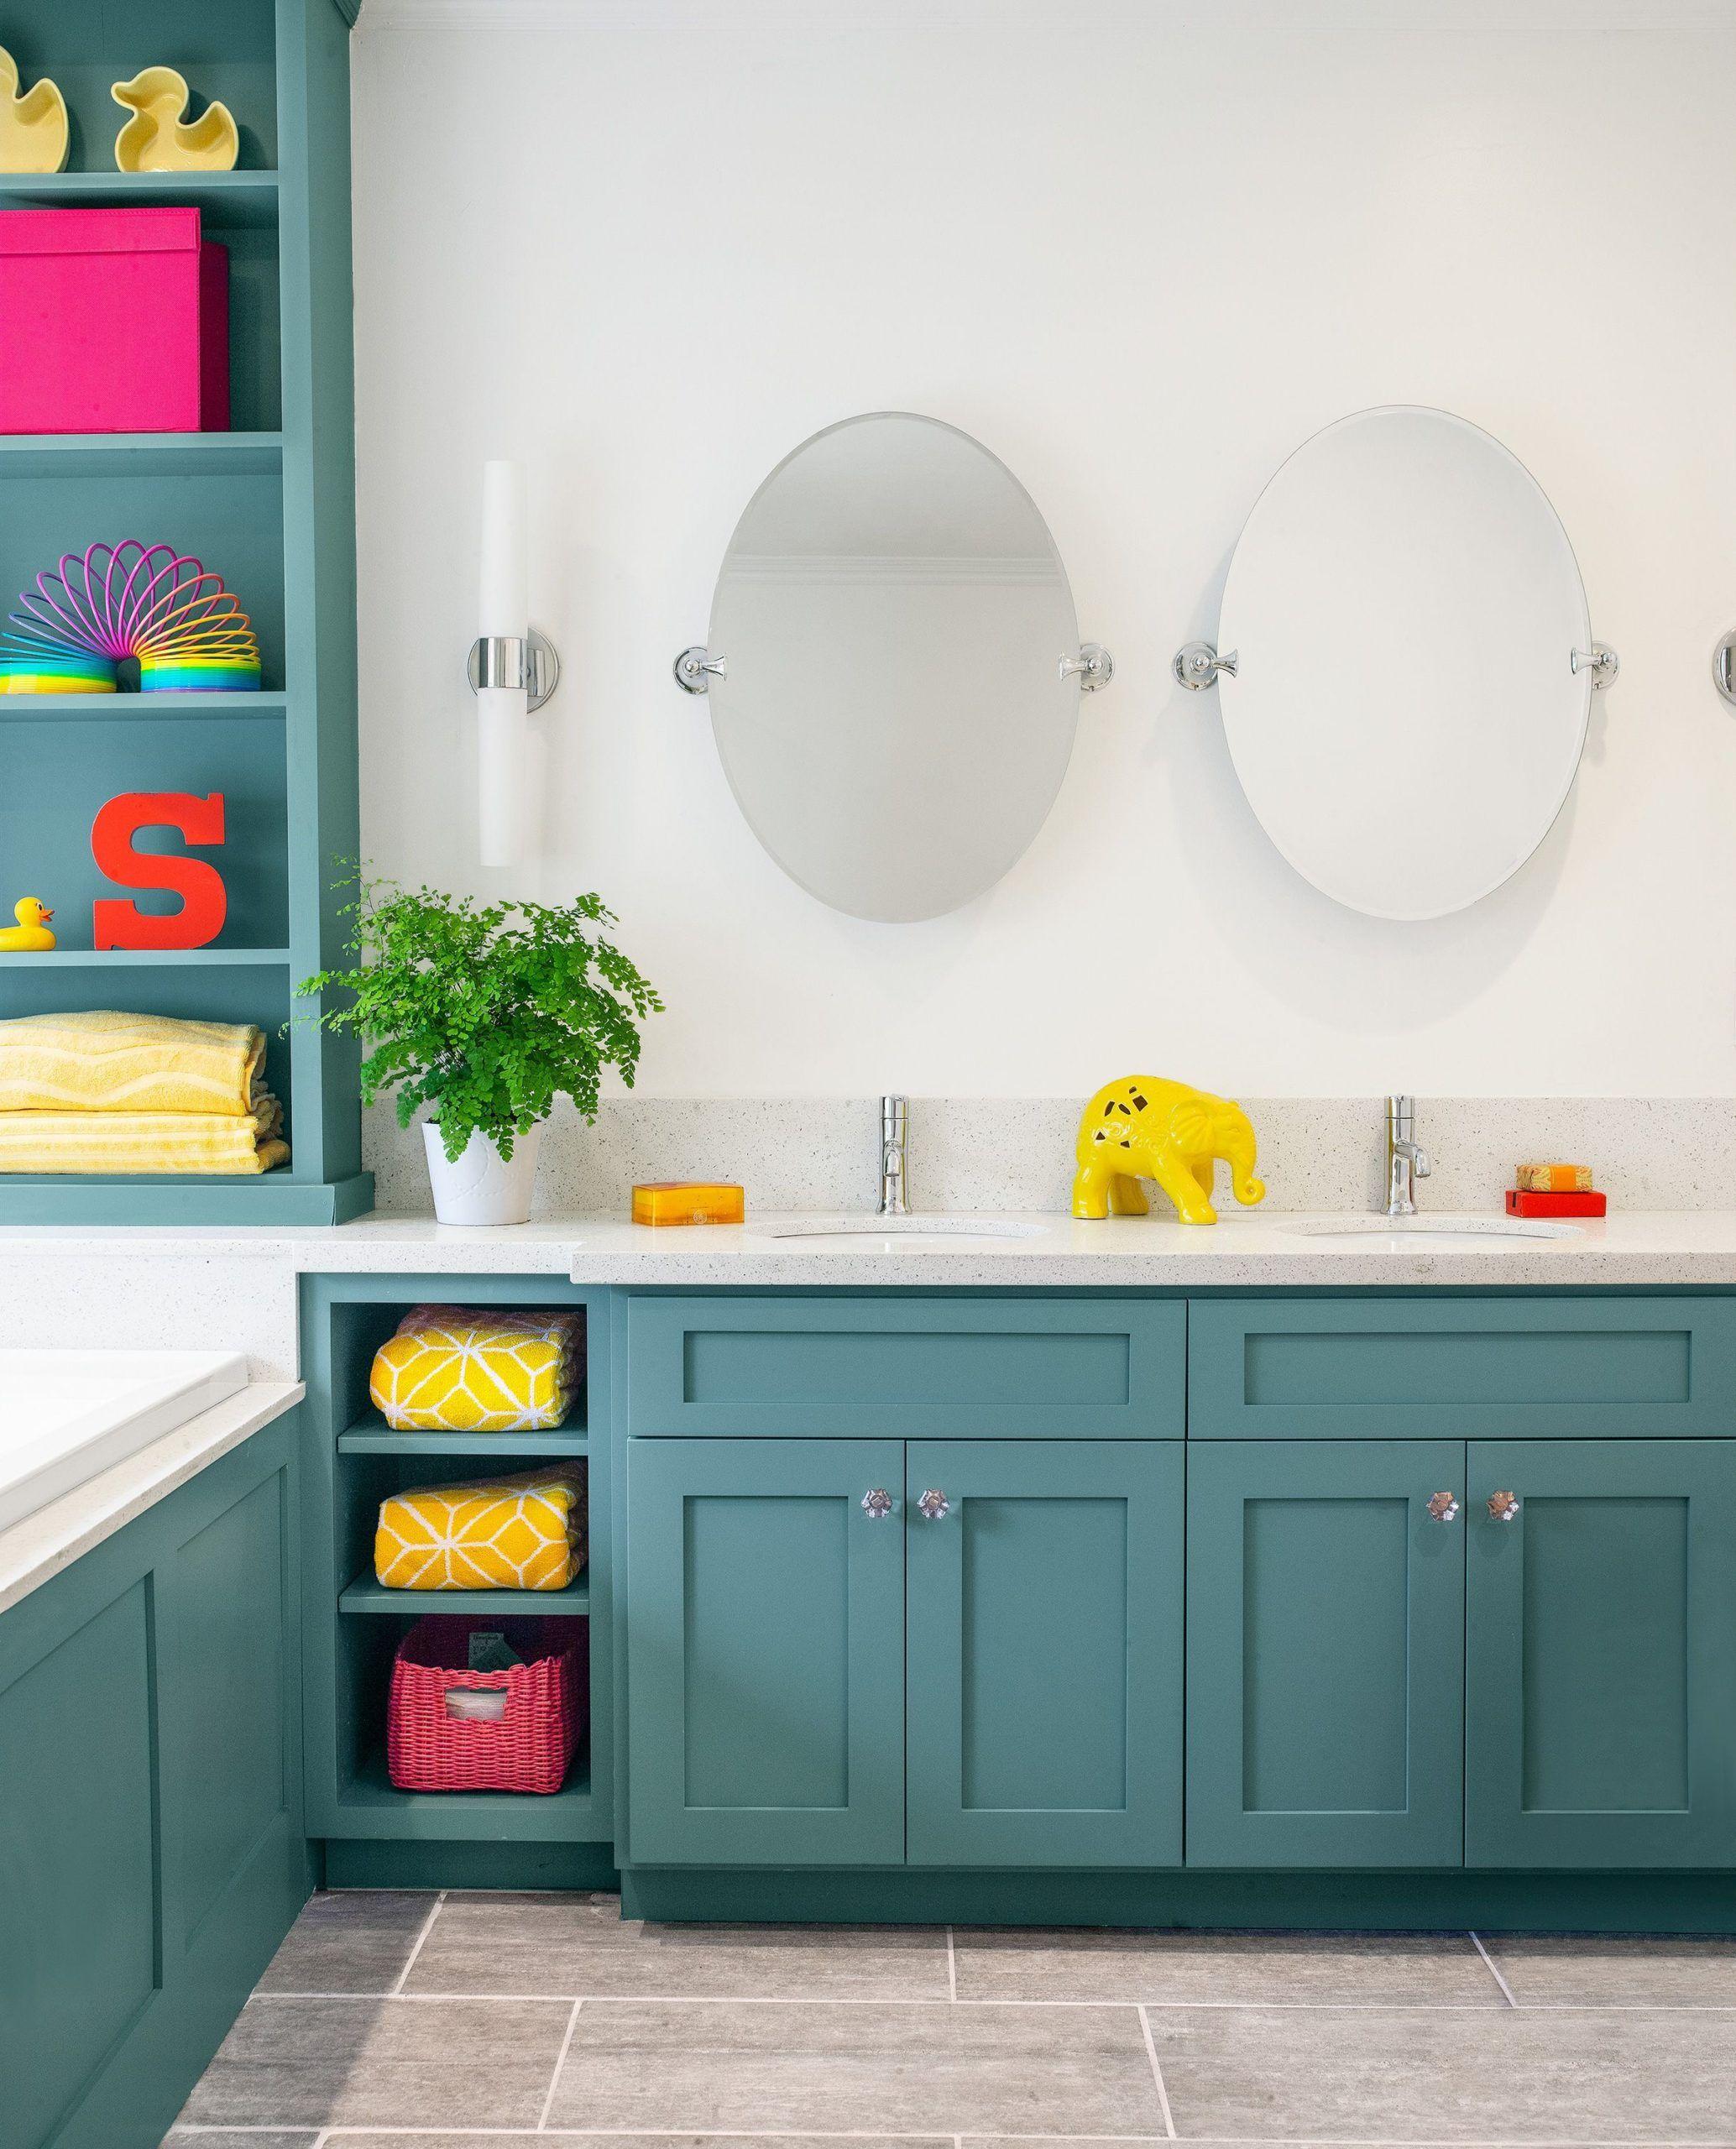 Vor Und Nach Dem Bad Ein Vielseitiger Kinderfreundlicher Raum In 2020 Kids Bathroom Design Kid Friendly Bathroom Bathroom Design